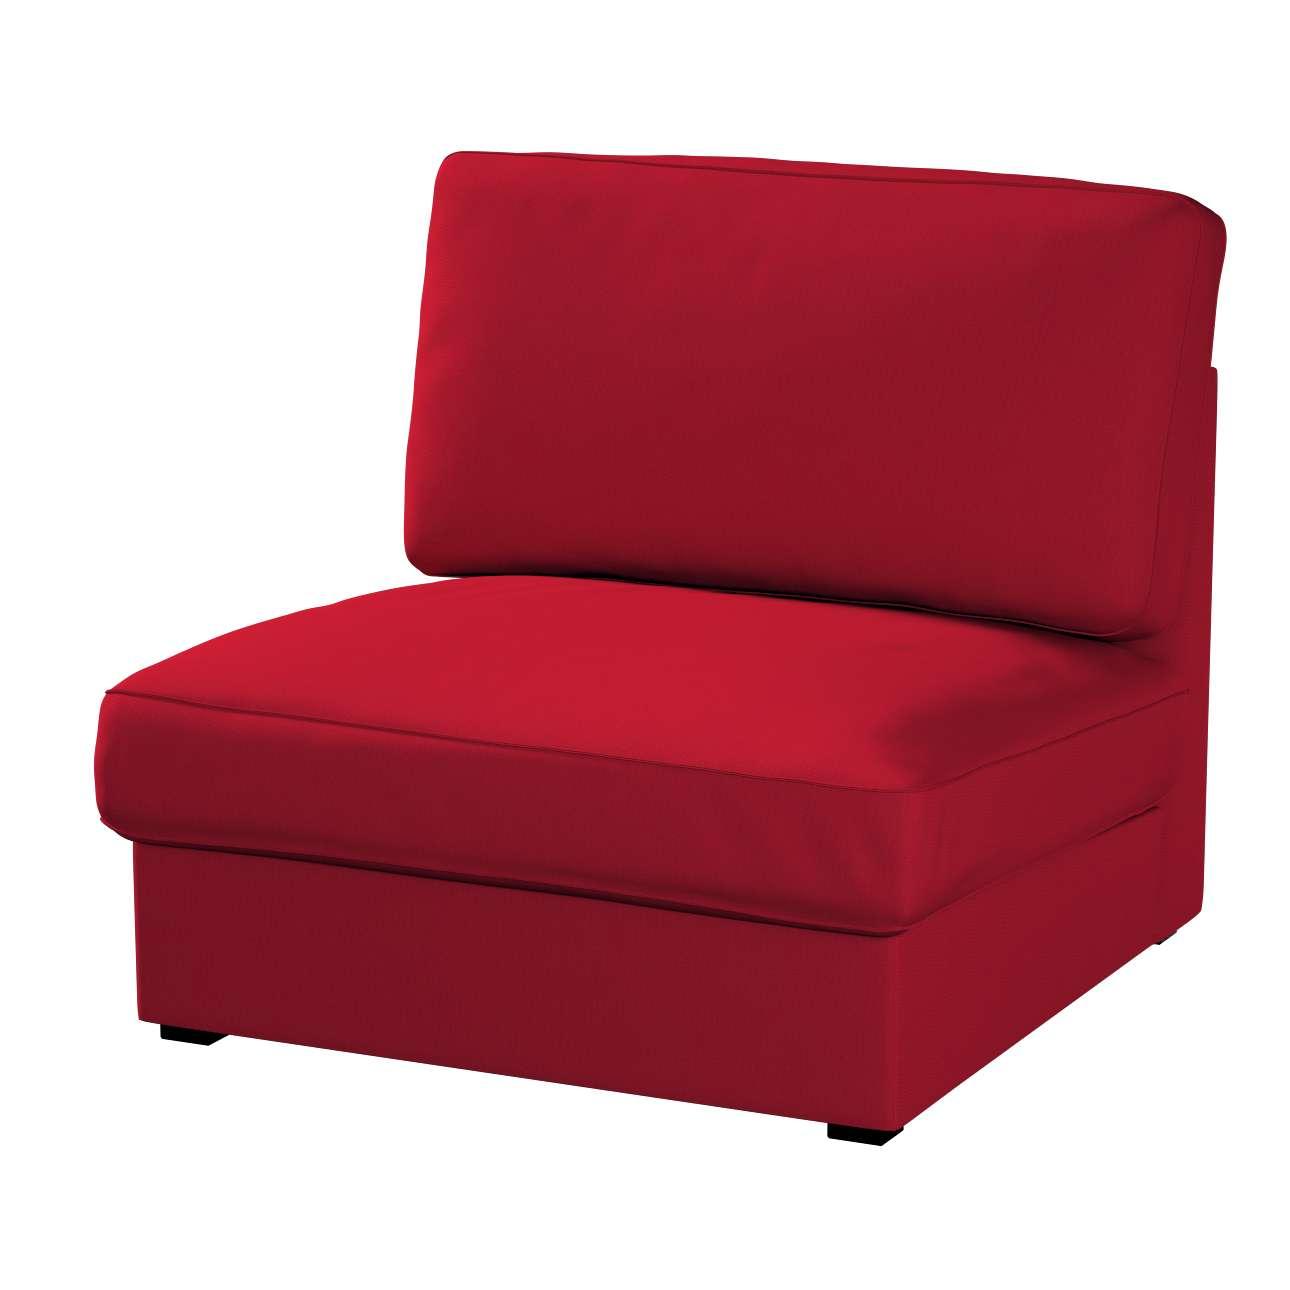 KIVIK fotelio/vienvietės dalies užvalkalas Kivik armchair kolekcijoje Etna , audinys: 705-60